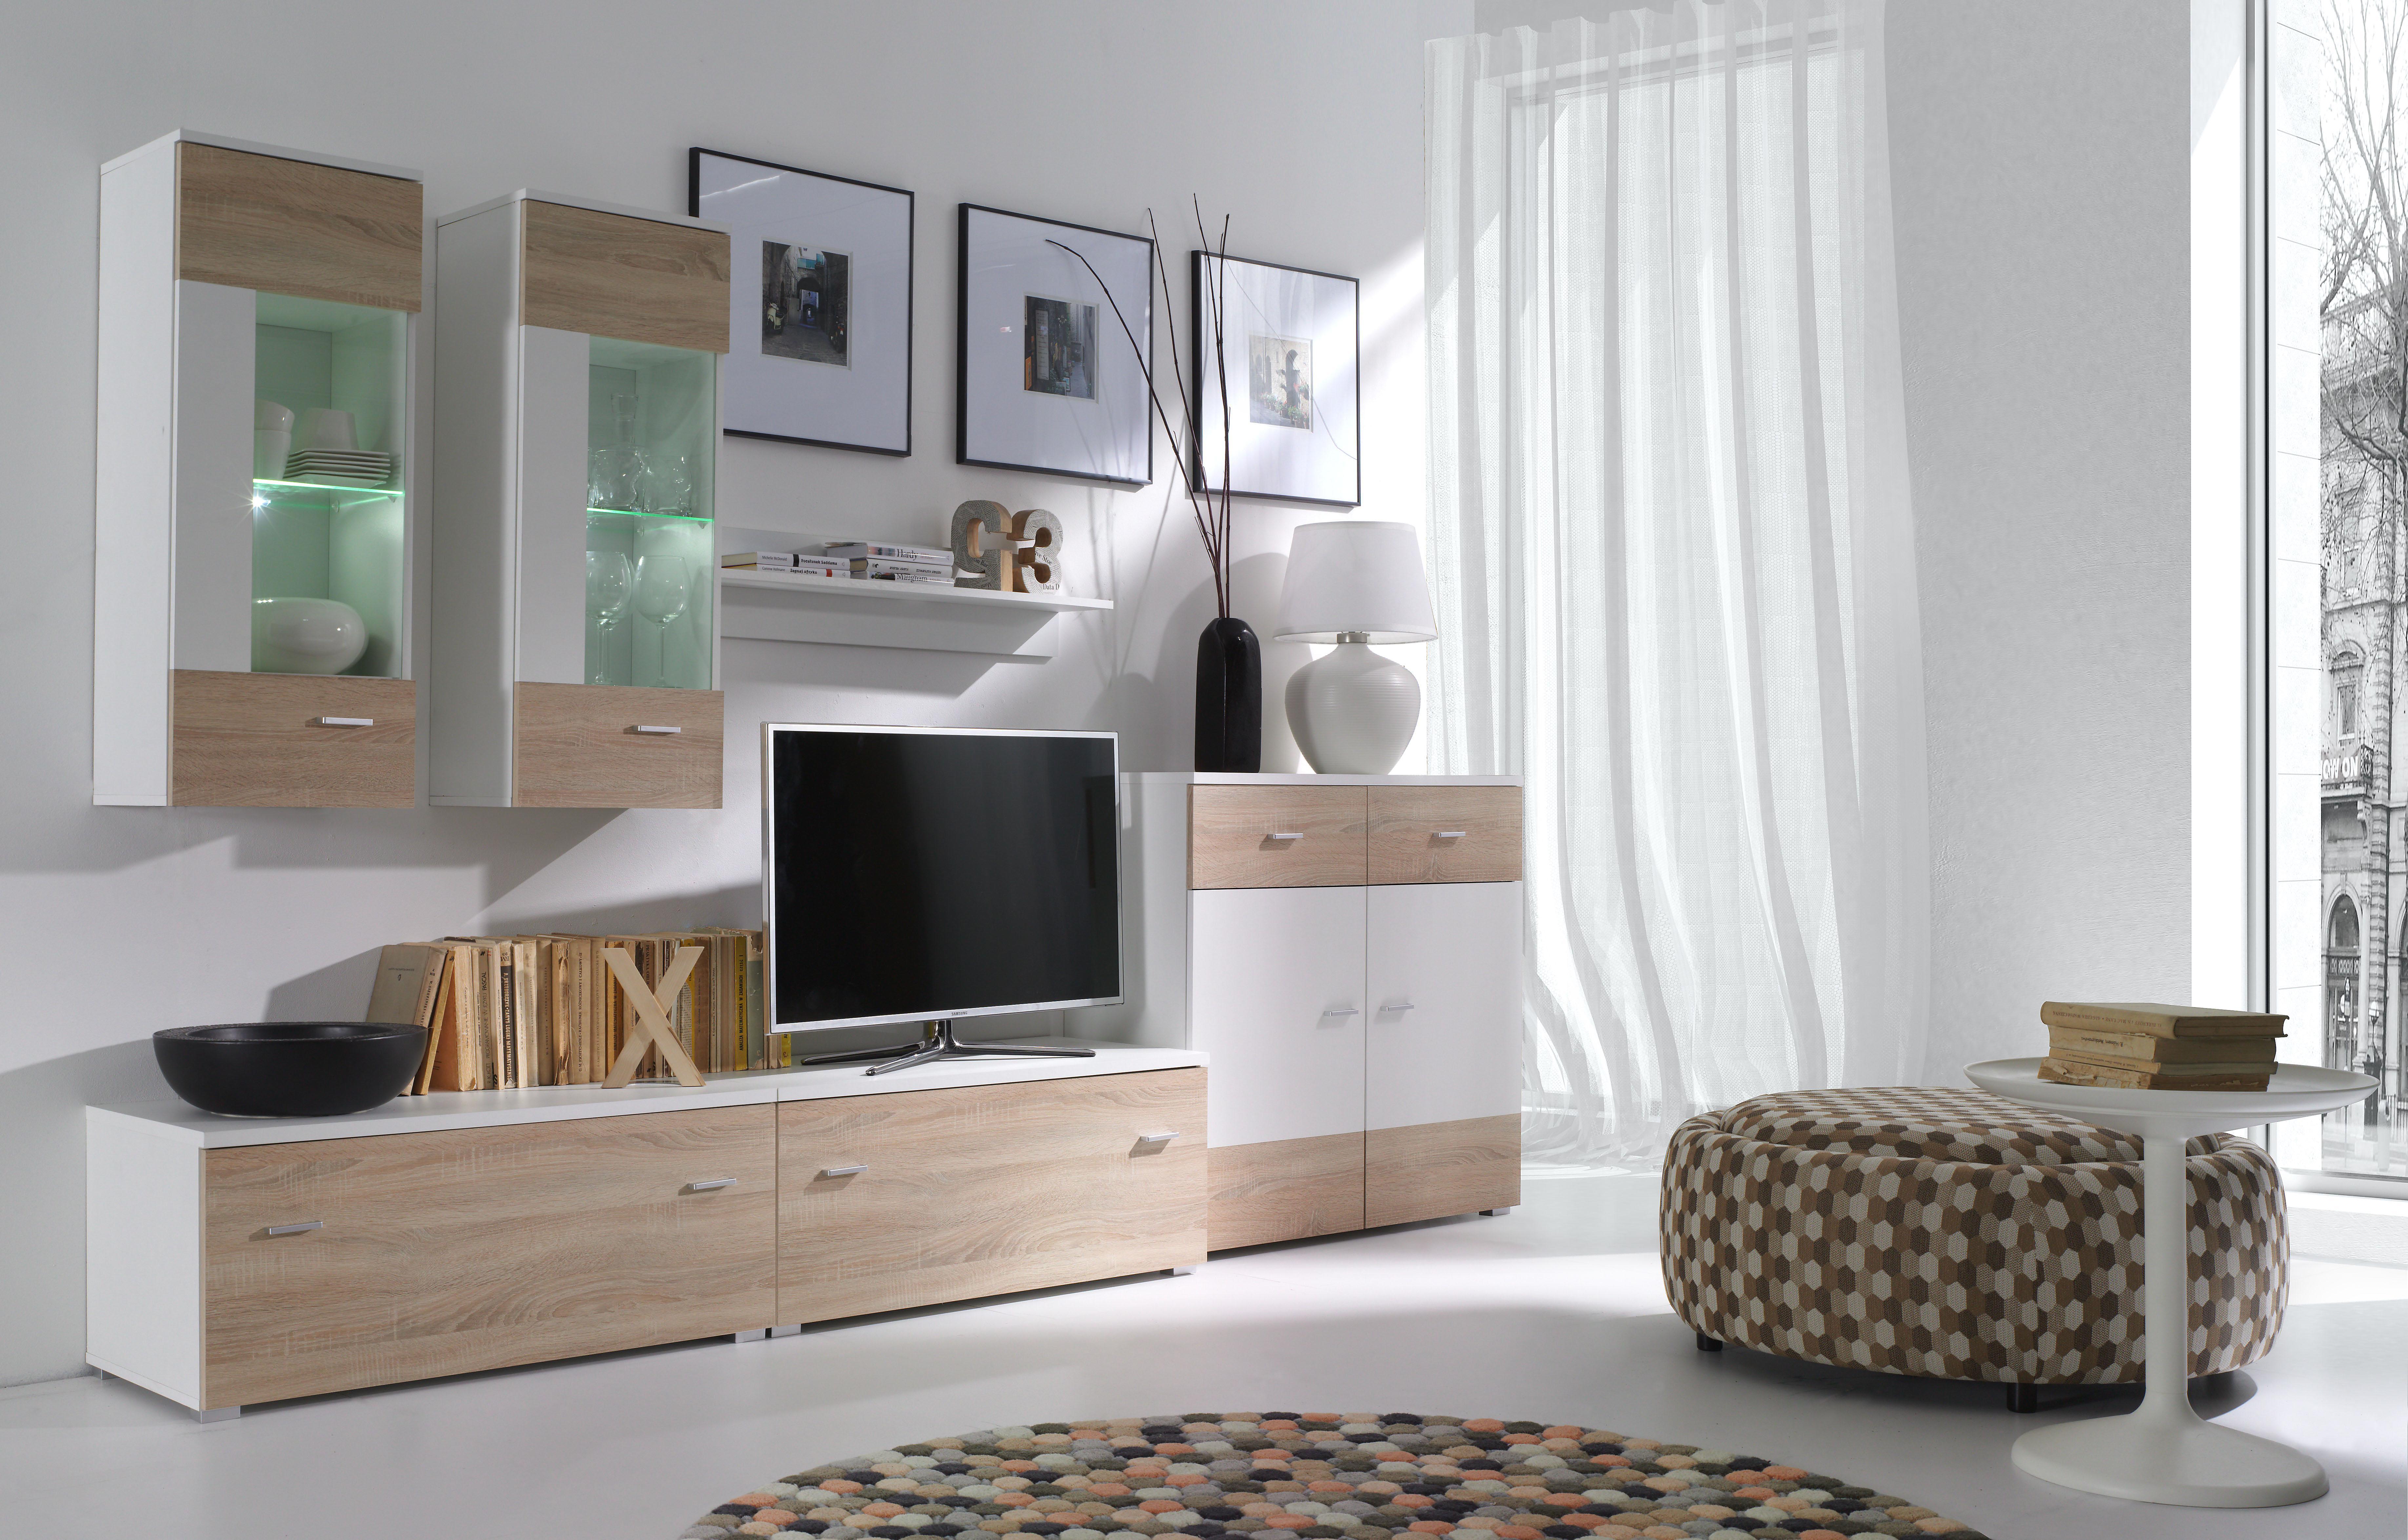 Obývacia stena - Welton - W2 (biela + dub sonoma). Akcia -33%. Sme autorizovaný predajca Jurek. Vlastná spoľahlivá doprava až k Vám domov.